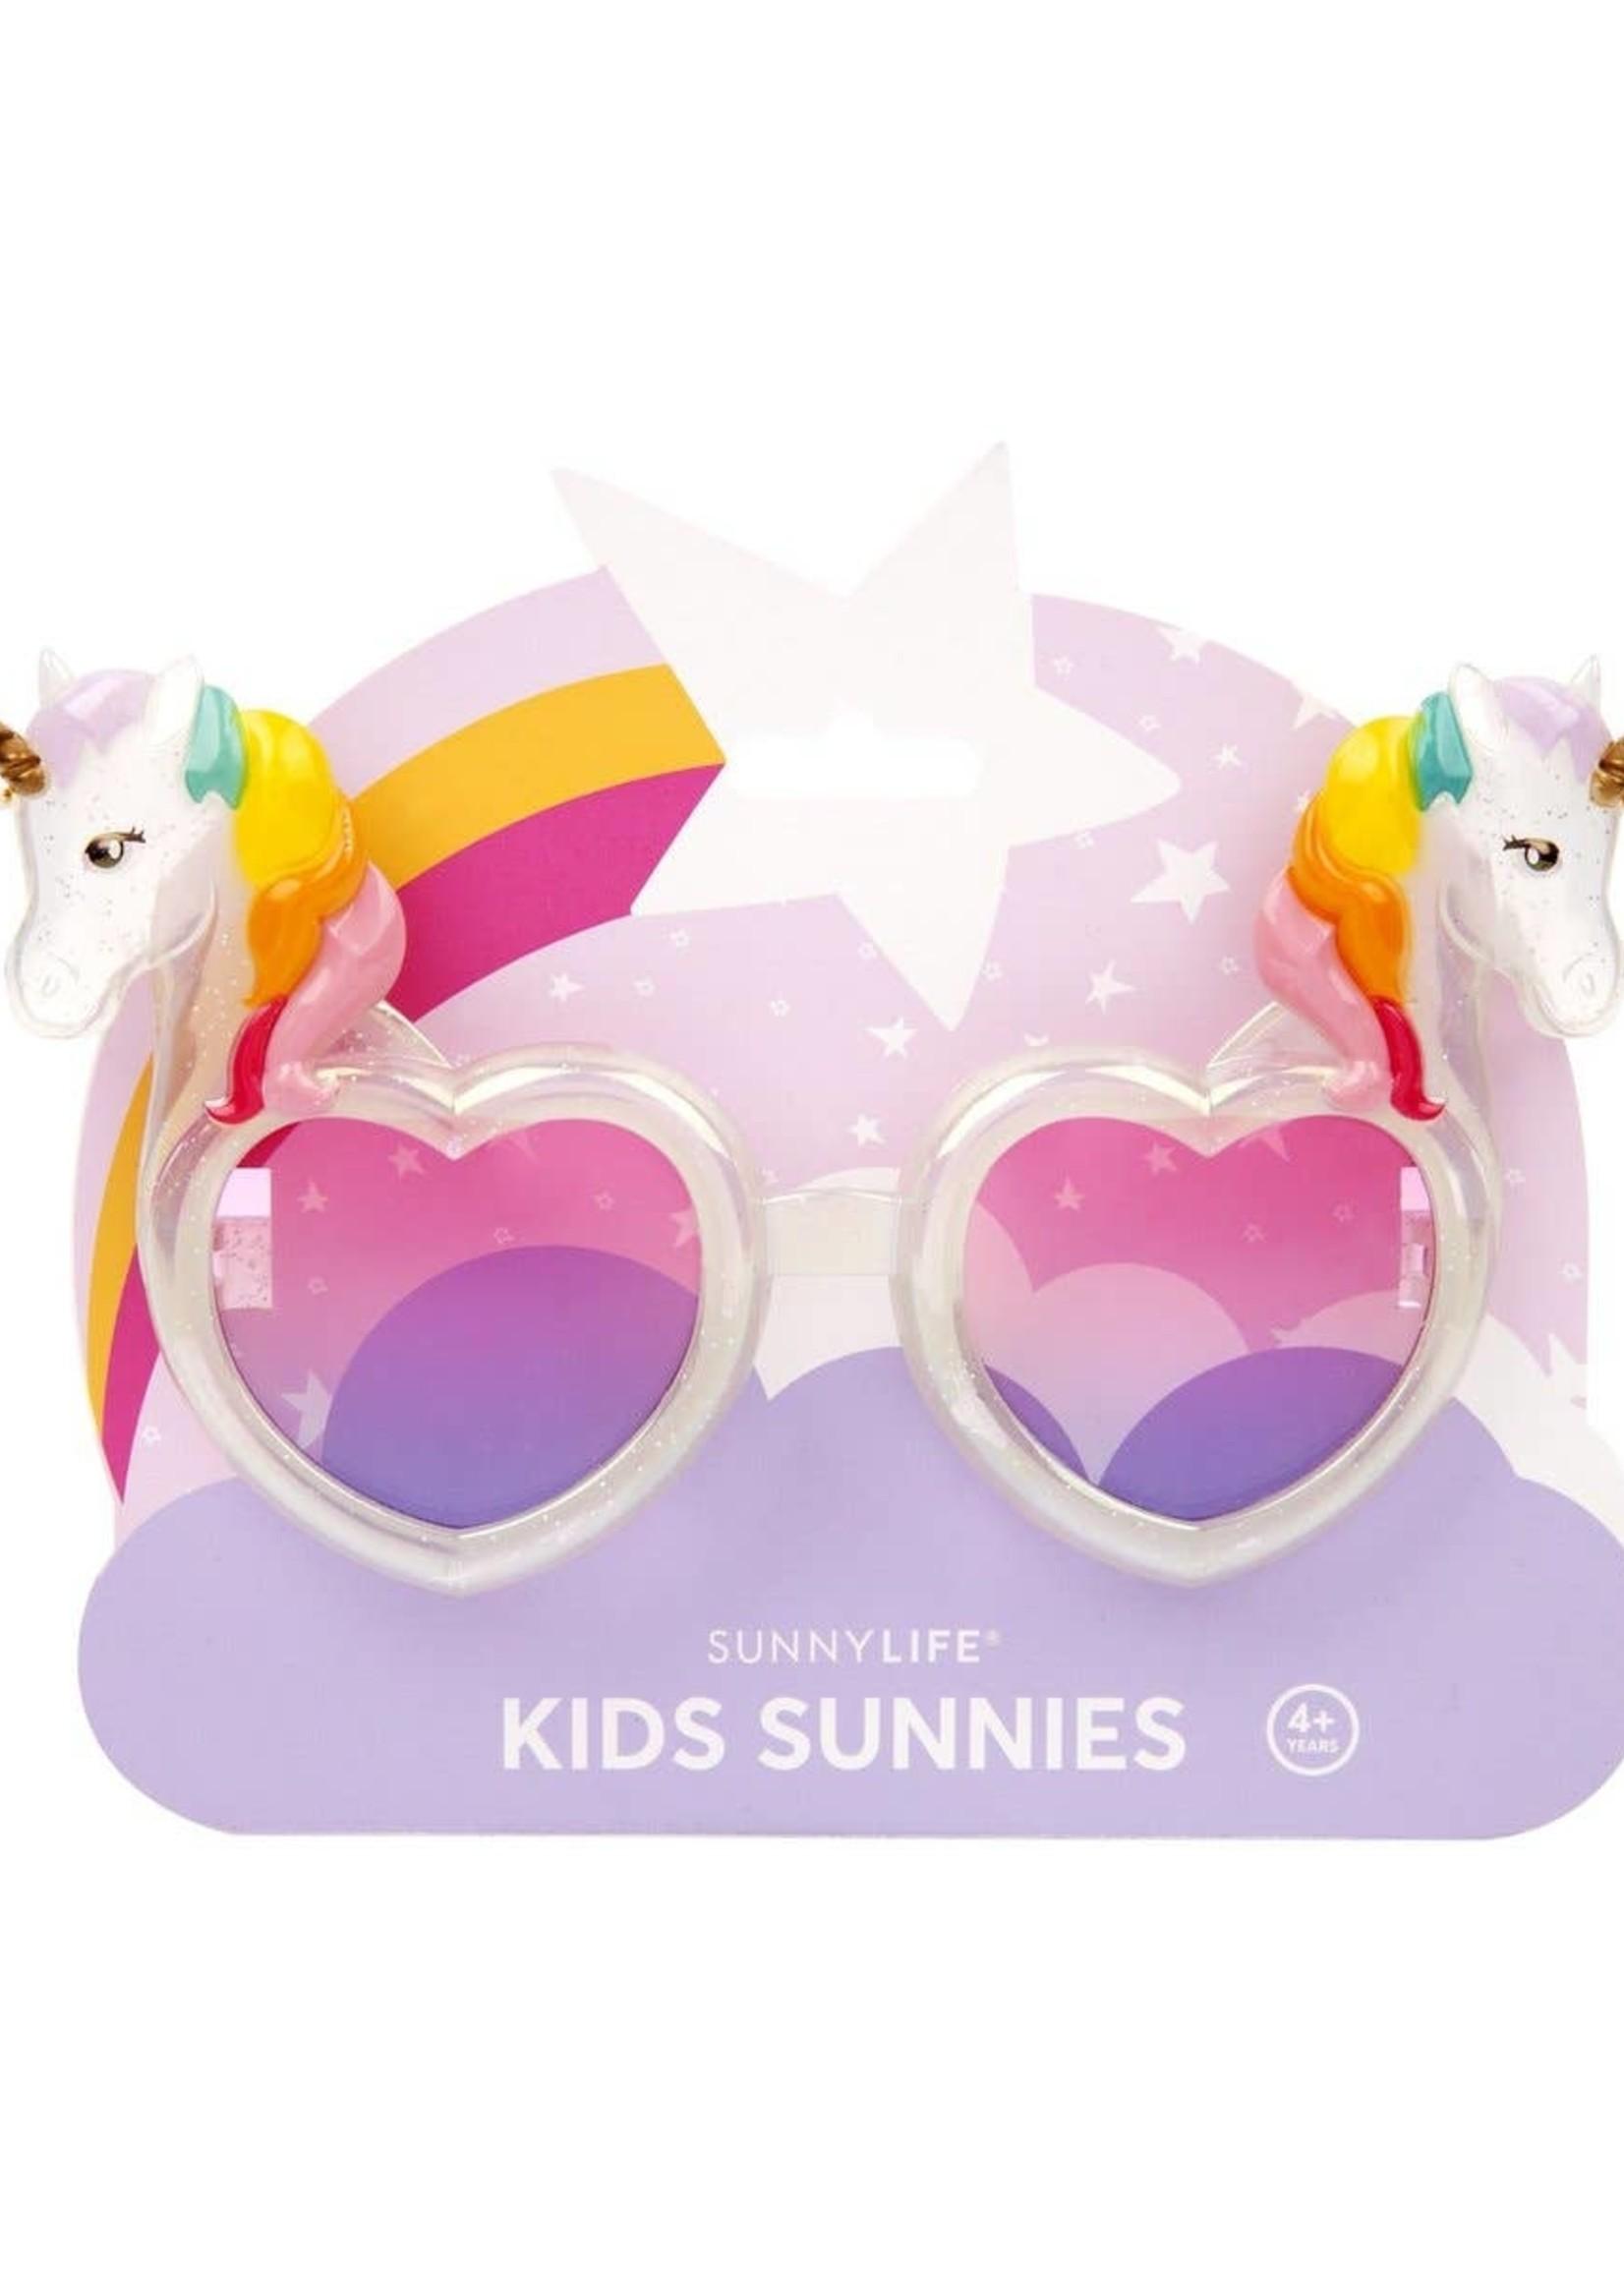 sunnylife Unicorn Sunnies